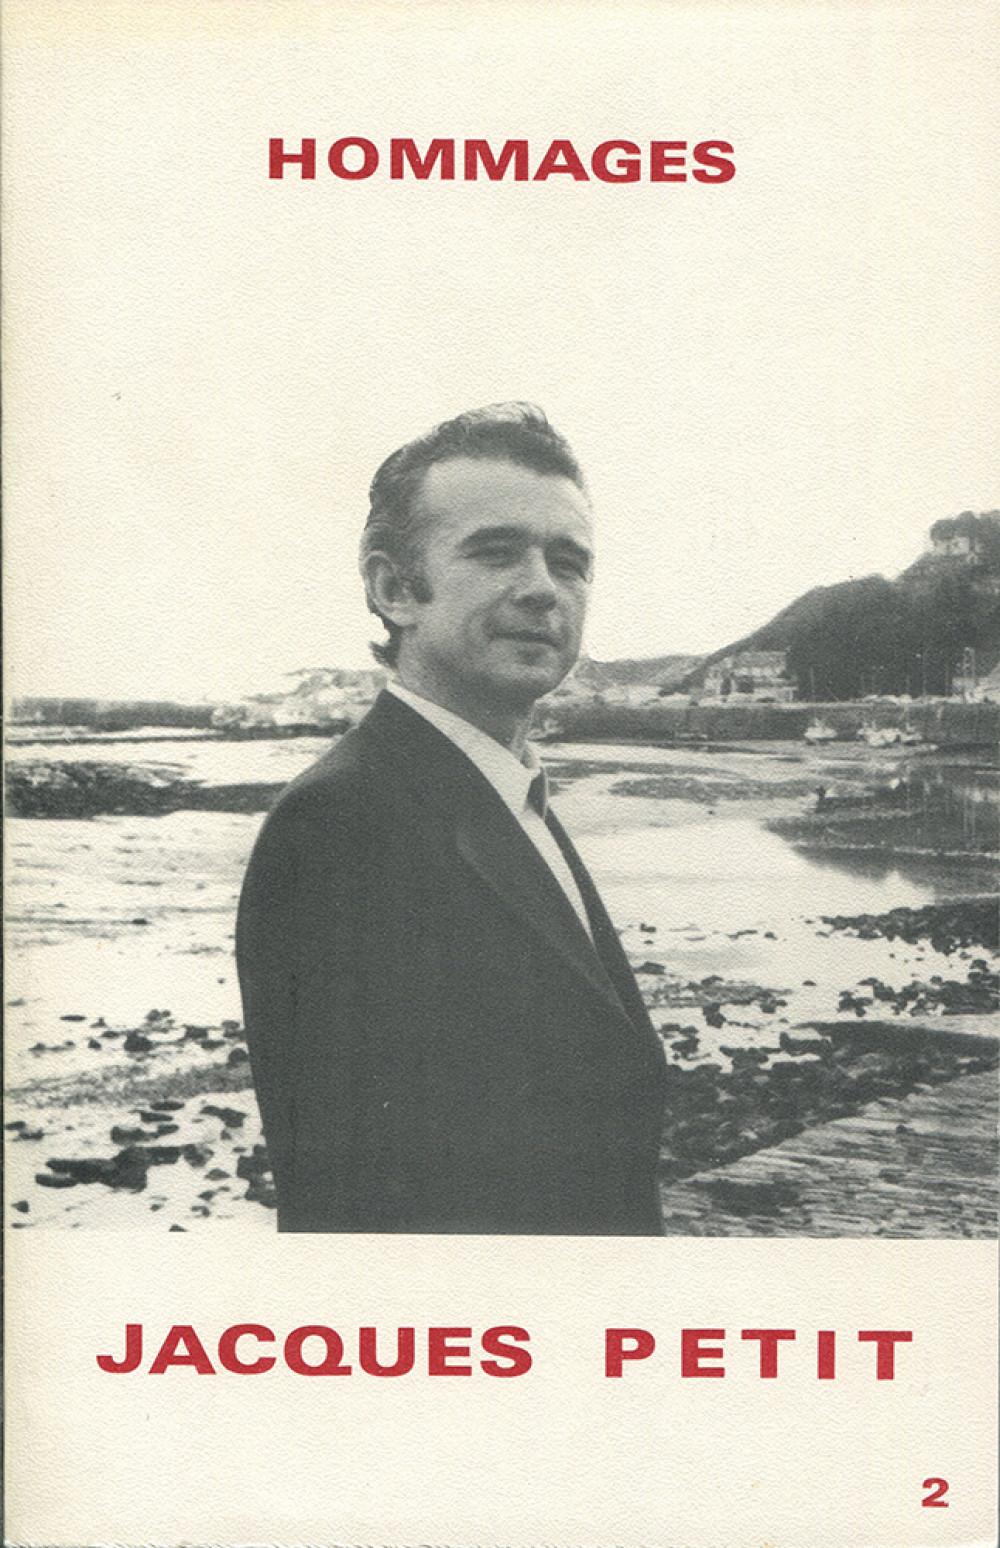 Hommages à Jacques Petit (Vol. 1 & 2)